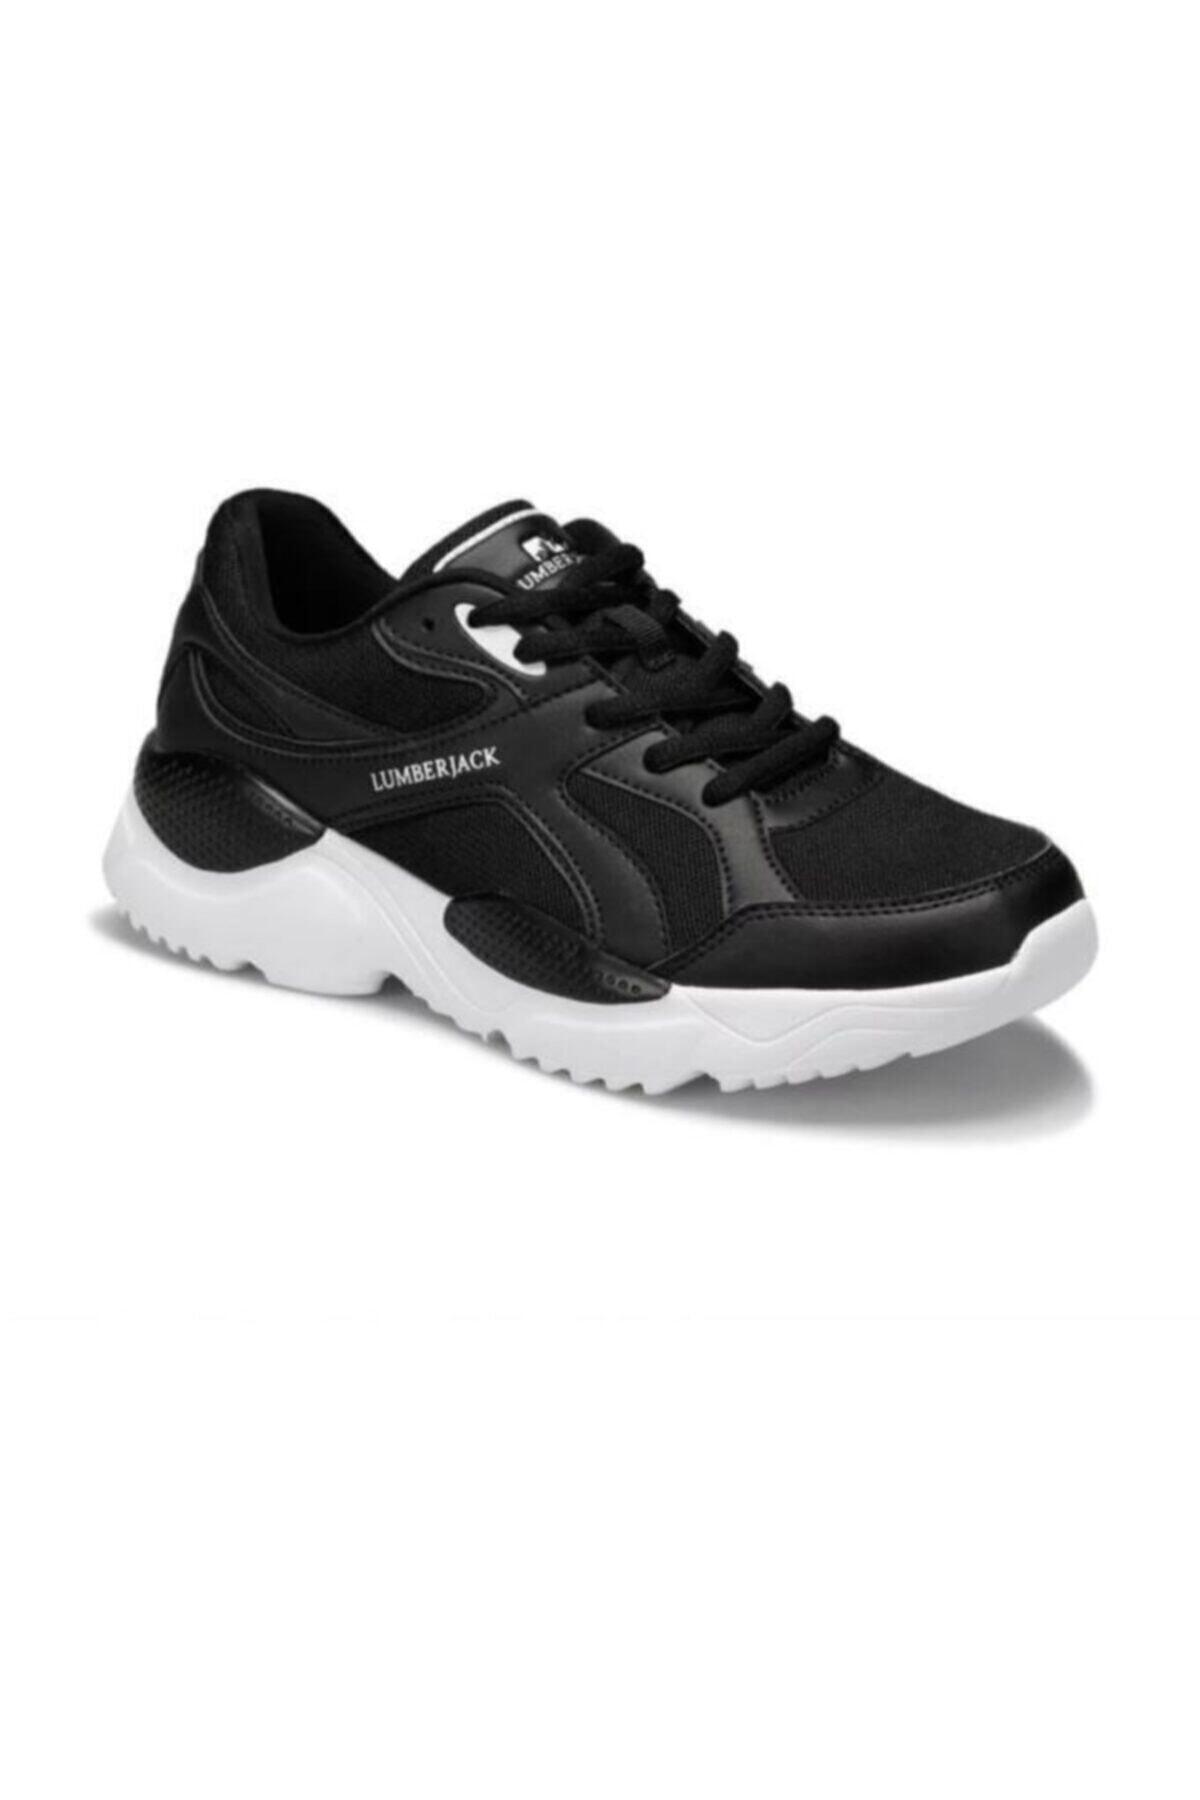 lumberjack 0m Newton Wmn Kadın Günlük Spor Ayakkabı 100497212sıyah 1